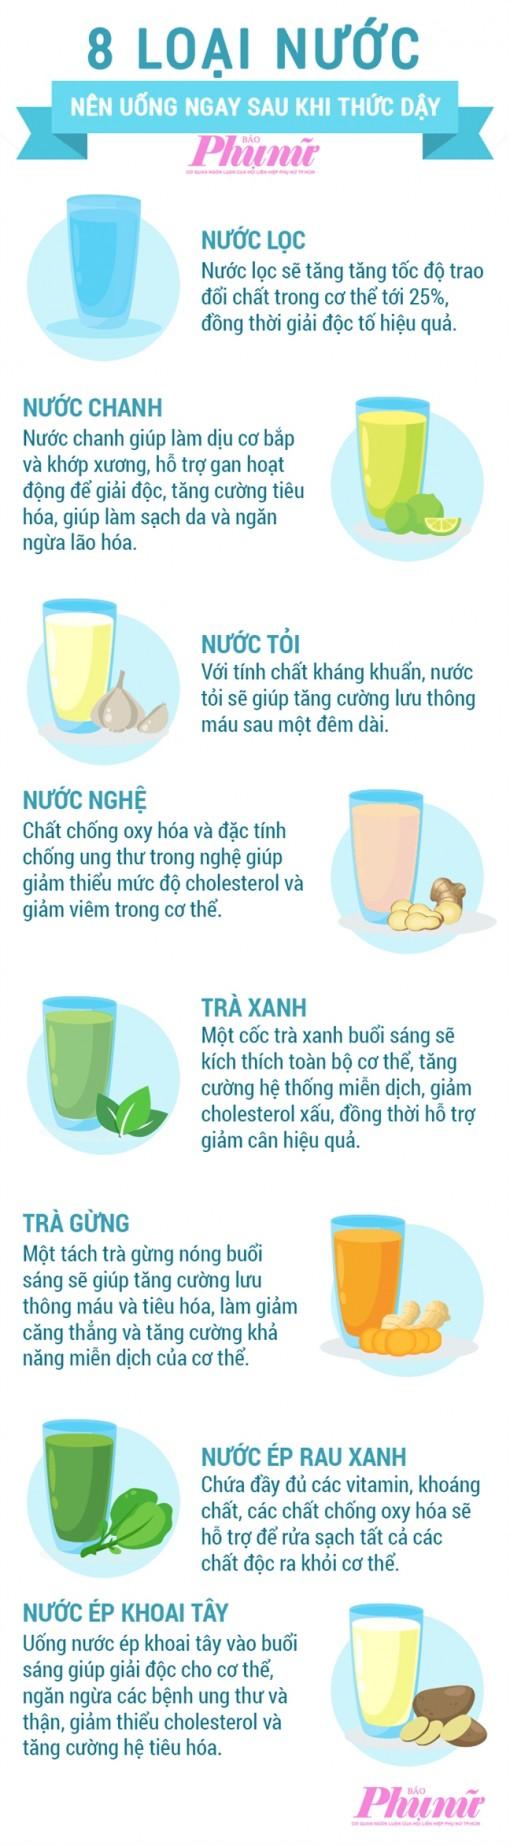 8 loại nước nên uống sau khi thức dậy